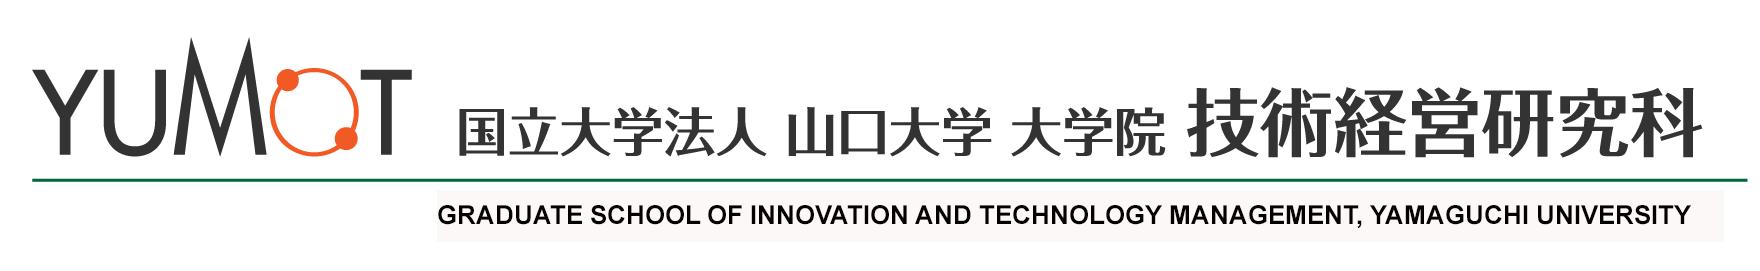 山口大学技術経営研究科